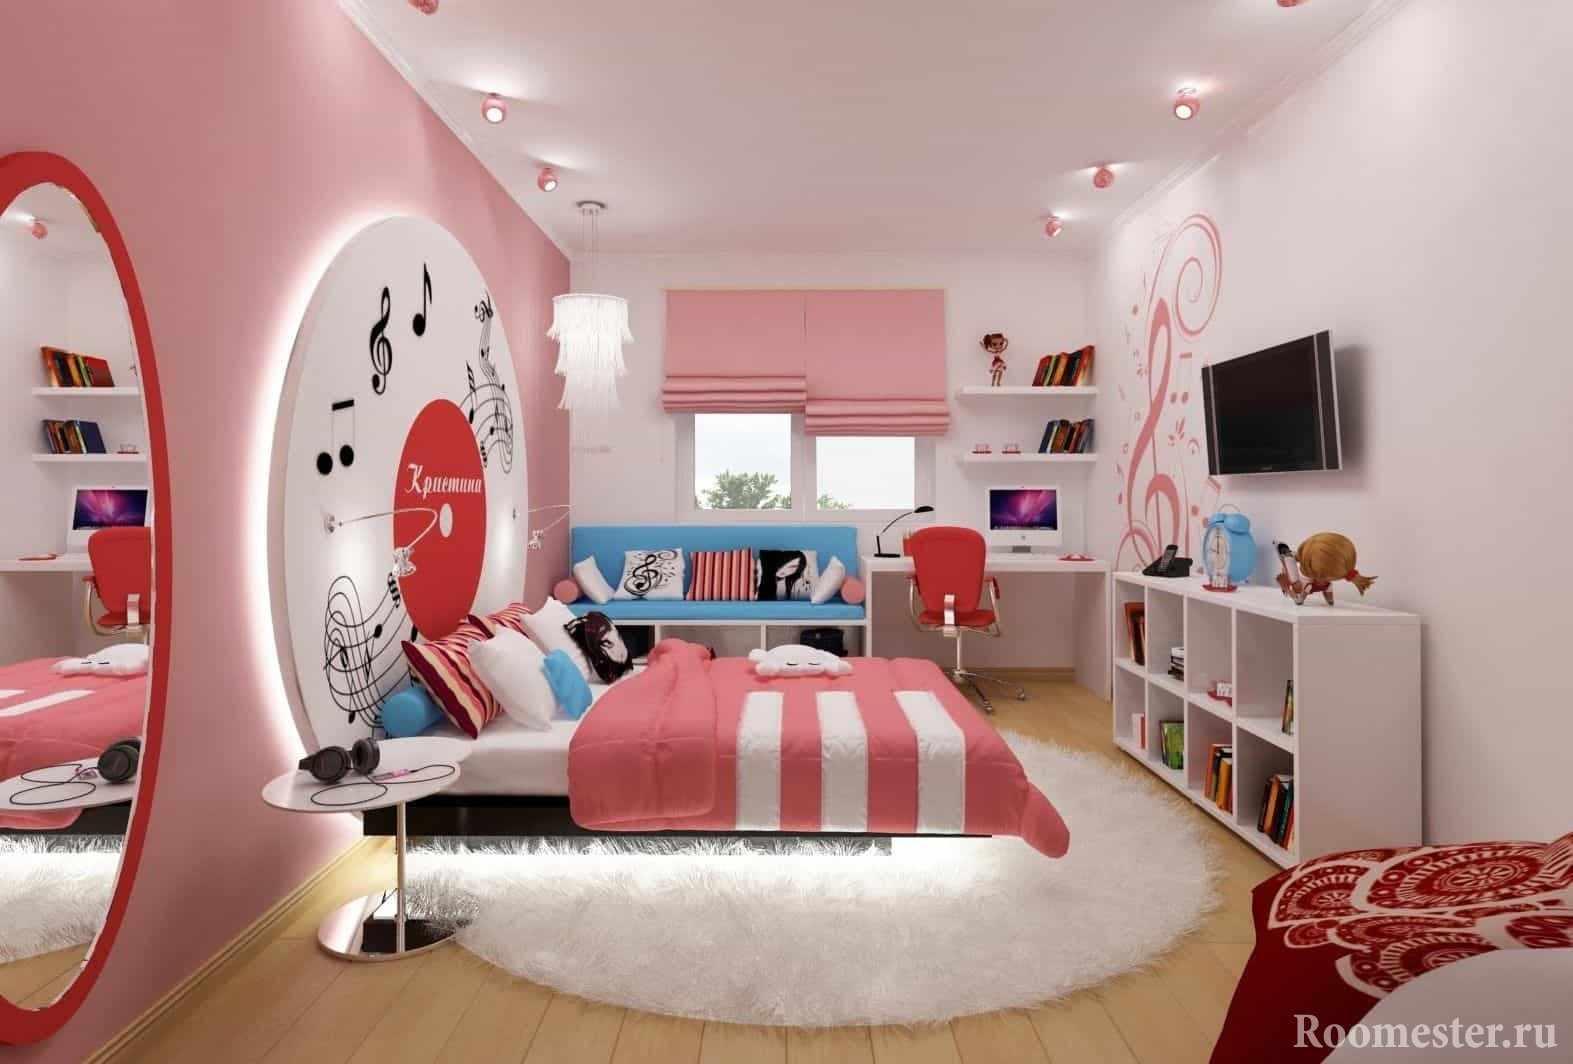 Светлая розовая комната